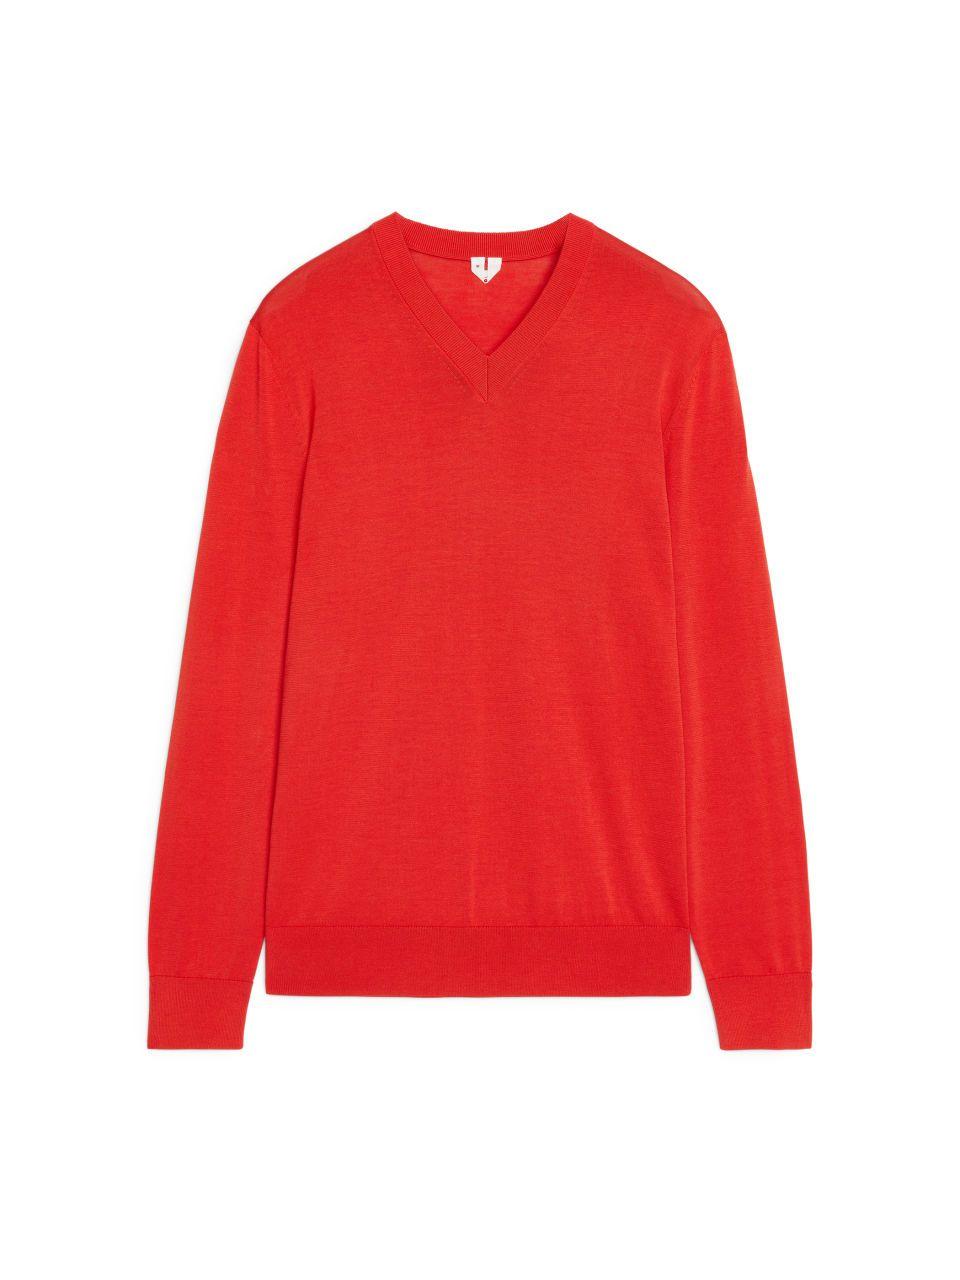 7af76d14c4c7 122059-291 - Cotton Silk V-Neck Jumper. A blend of cotton and ...